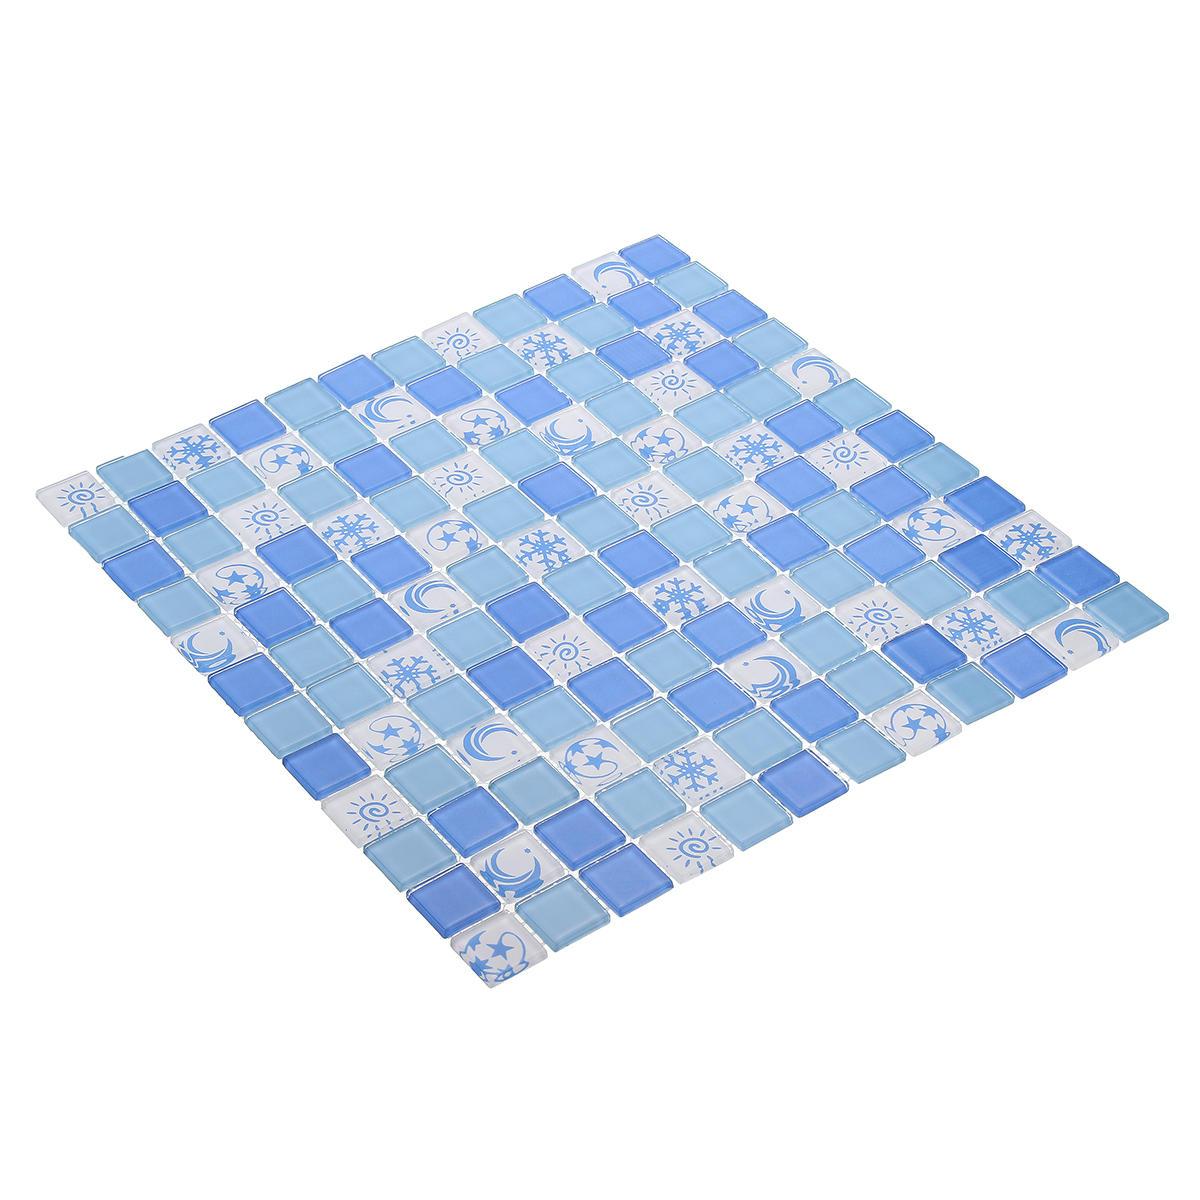 373af2b199af Waterproof Crystal 3D Mosaic Tiles Wall Sticker for Bathroom Decor